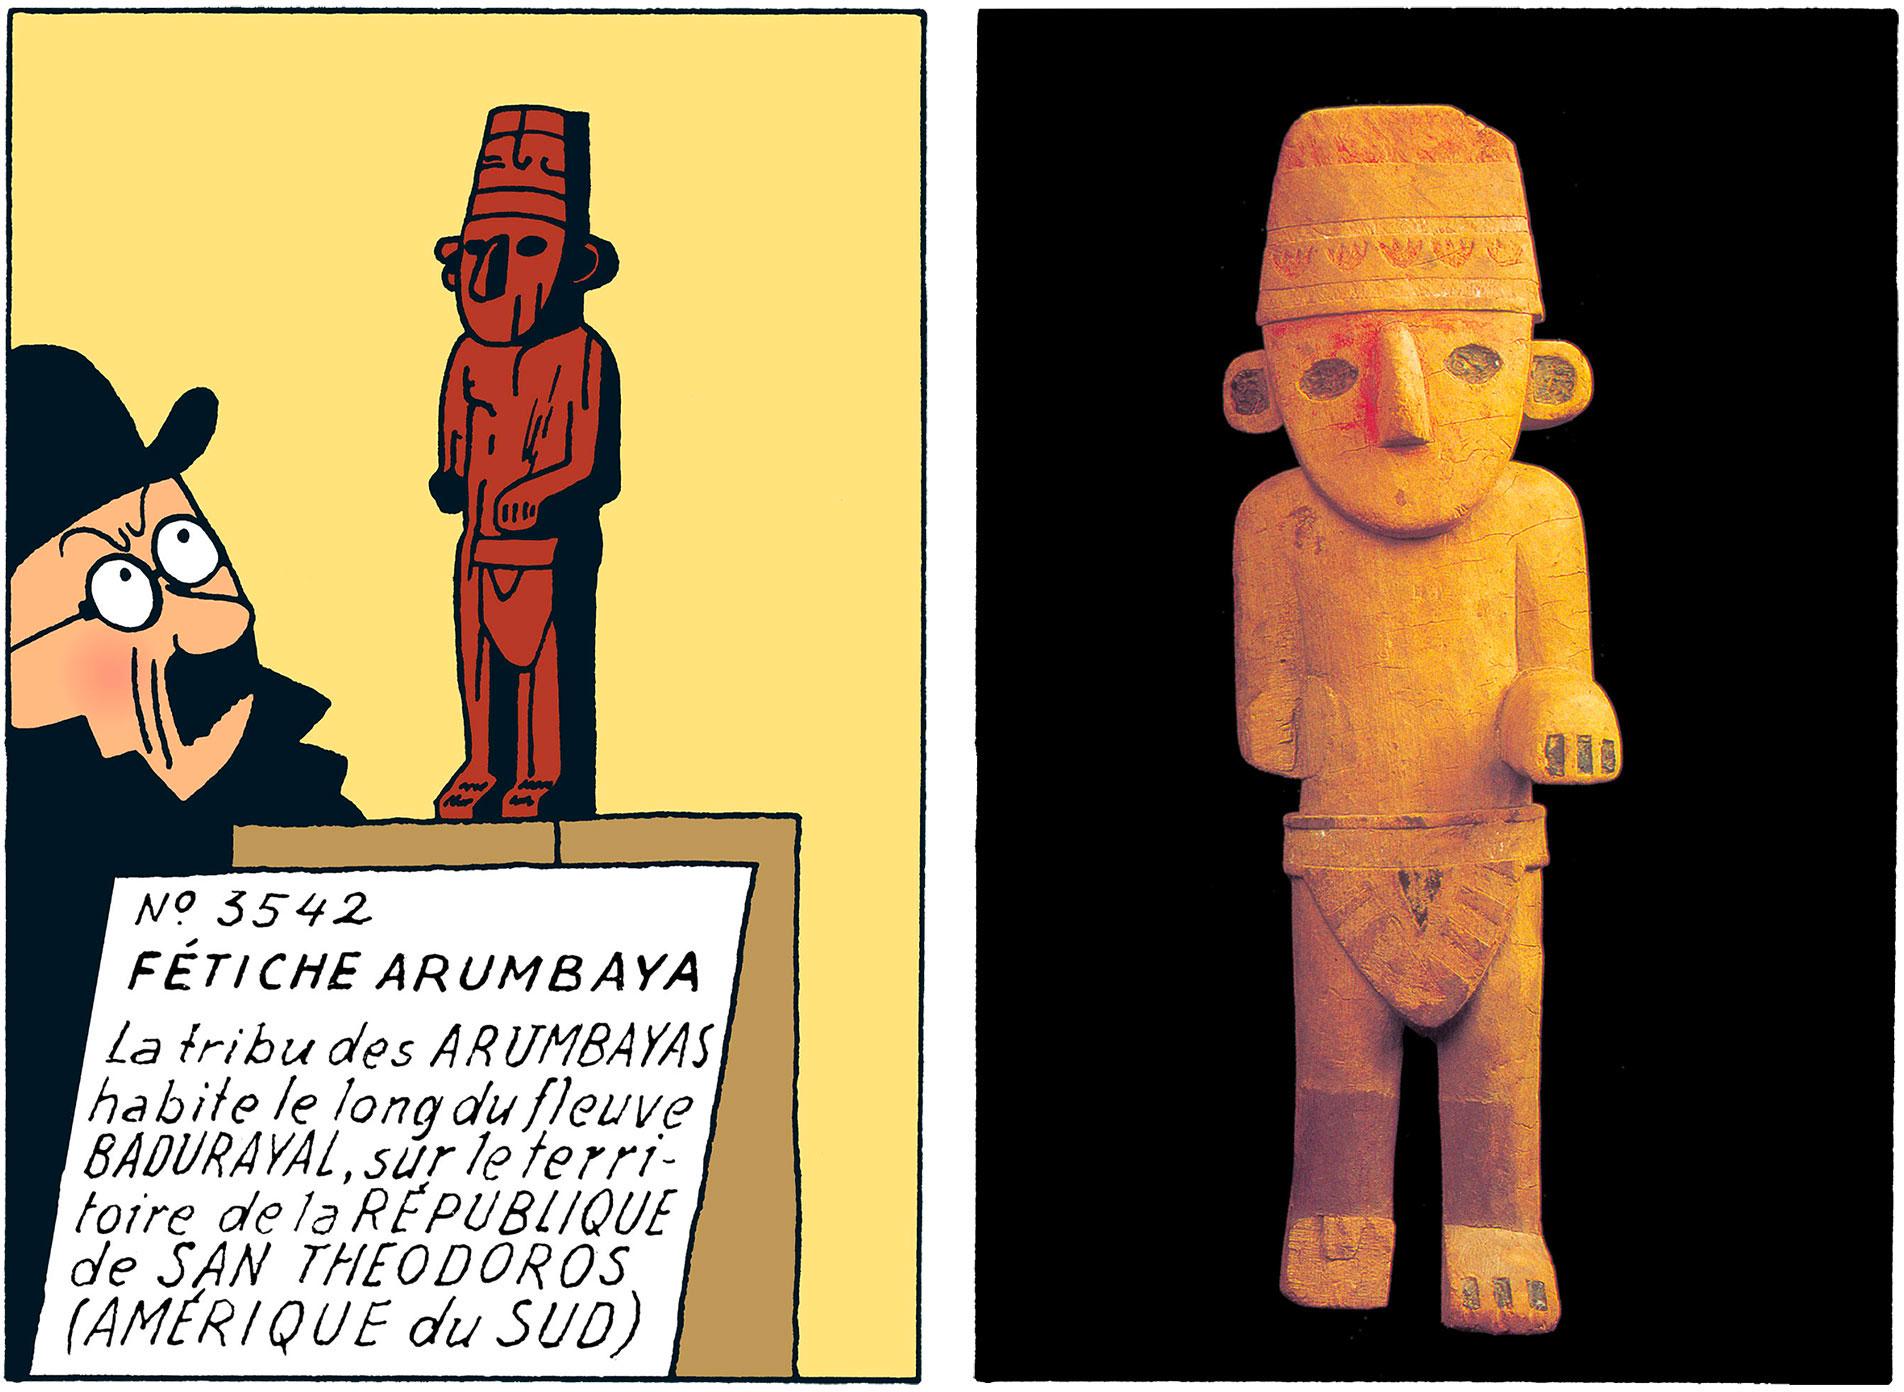 Le fétiche à l'oreille cassé arumbaya dans Tintin